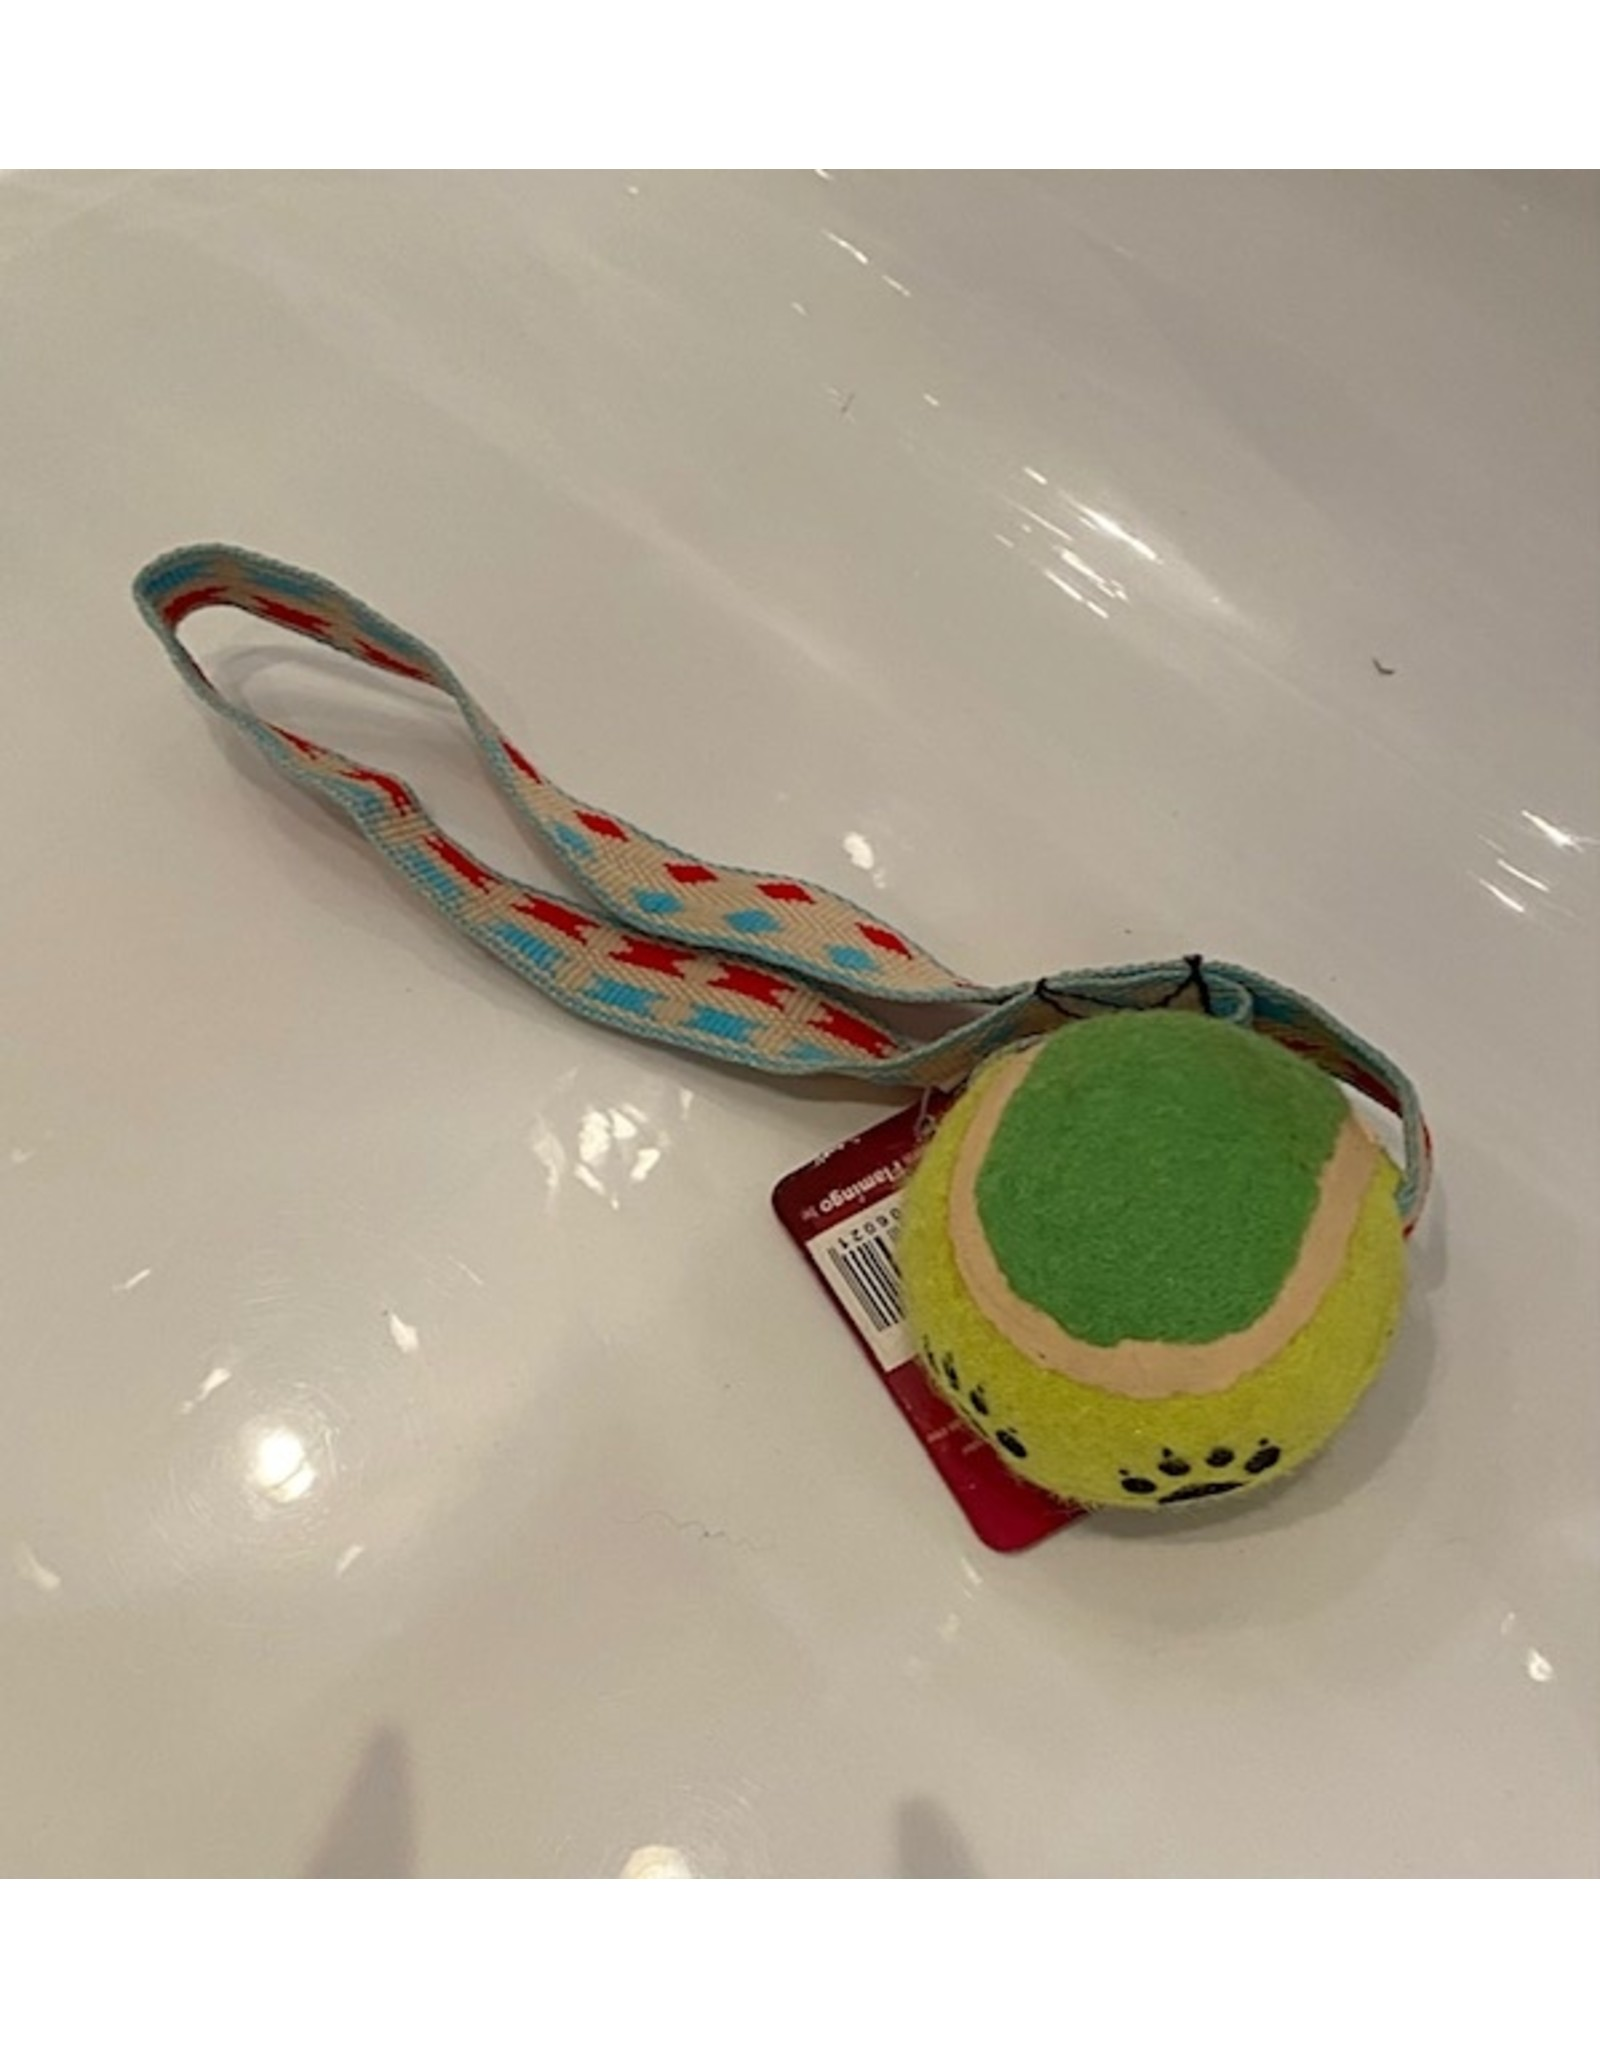 flamingo tennisbal met handvat gemakkelijk om mee te nemen